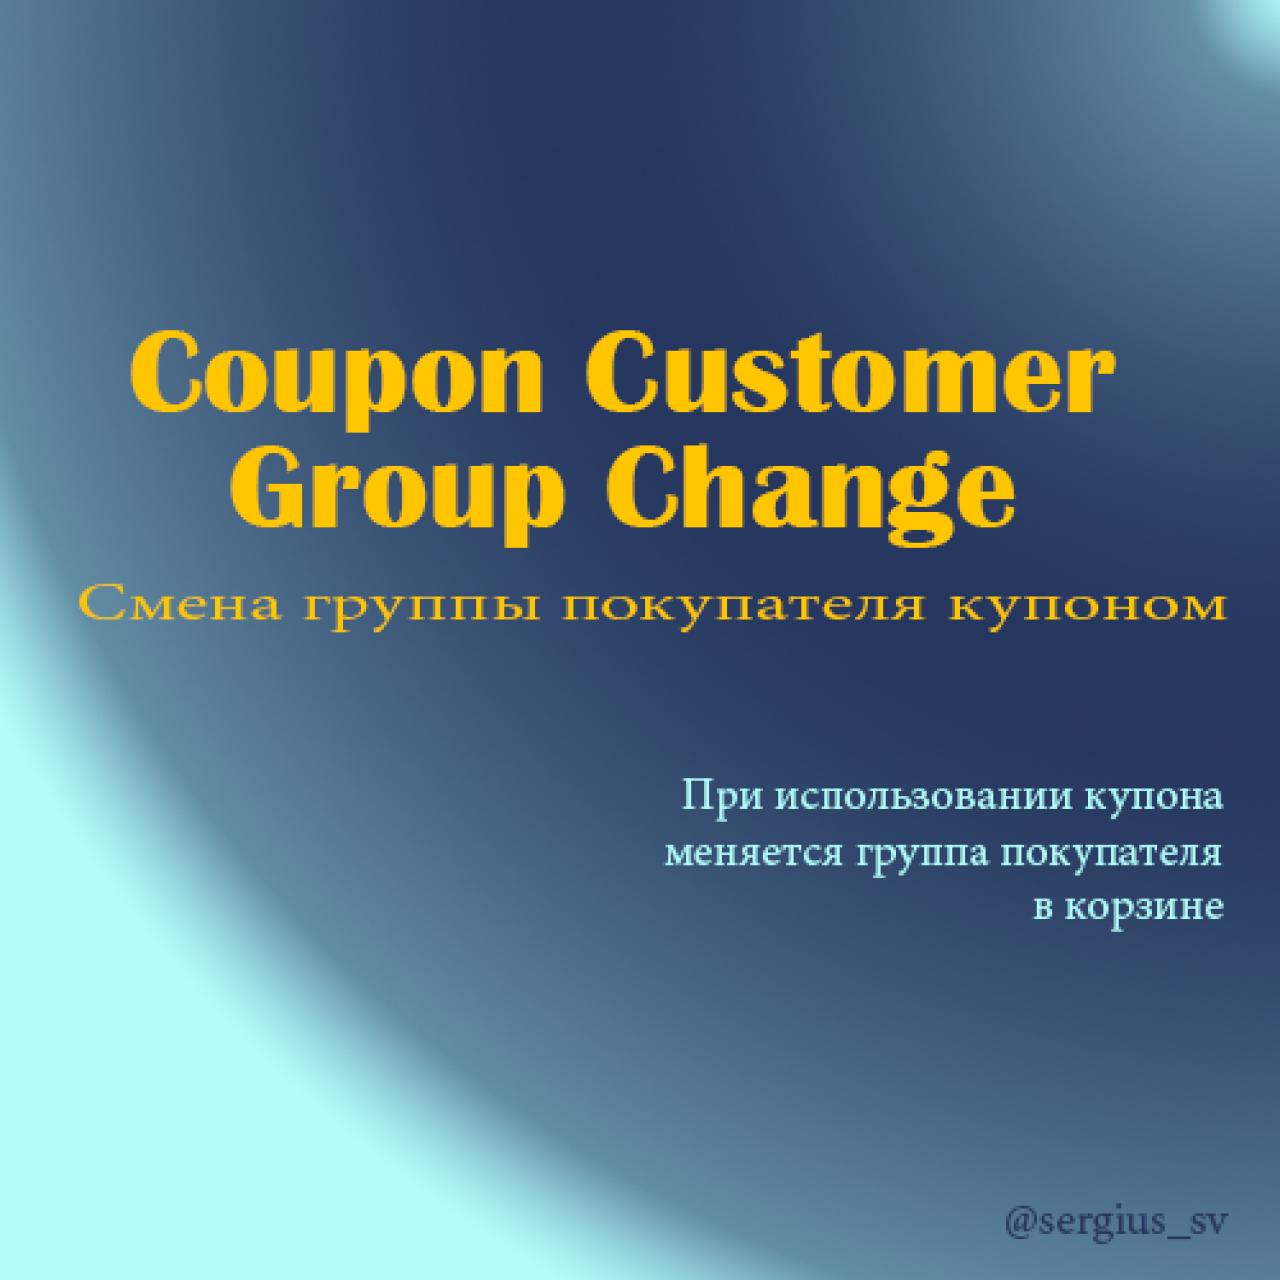 Coupon change customer group из категории Цены, скидки, акции для CMS OpenCart (ОпенКарт)